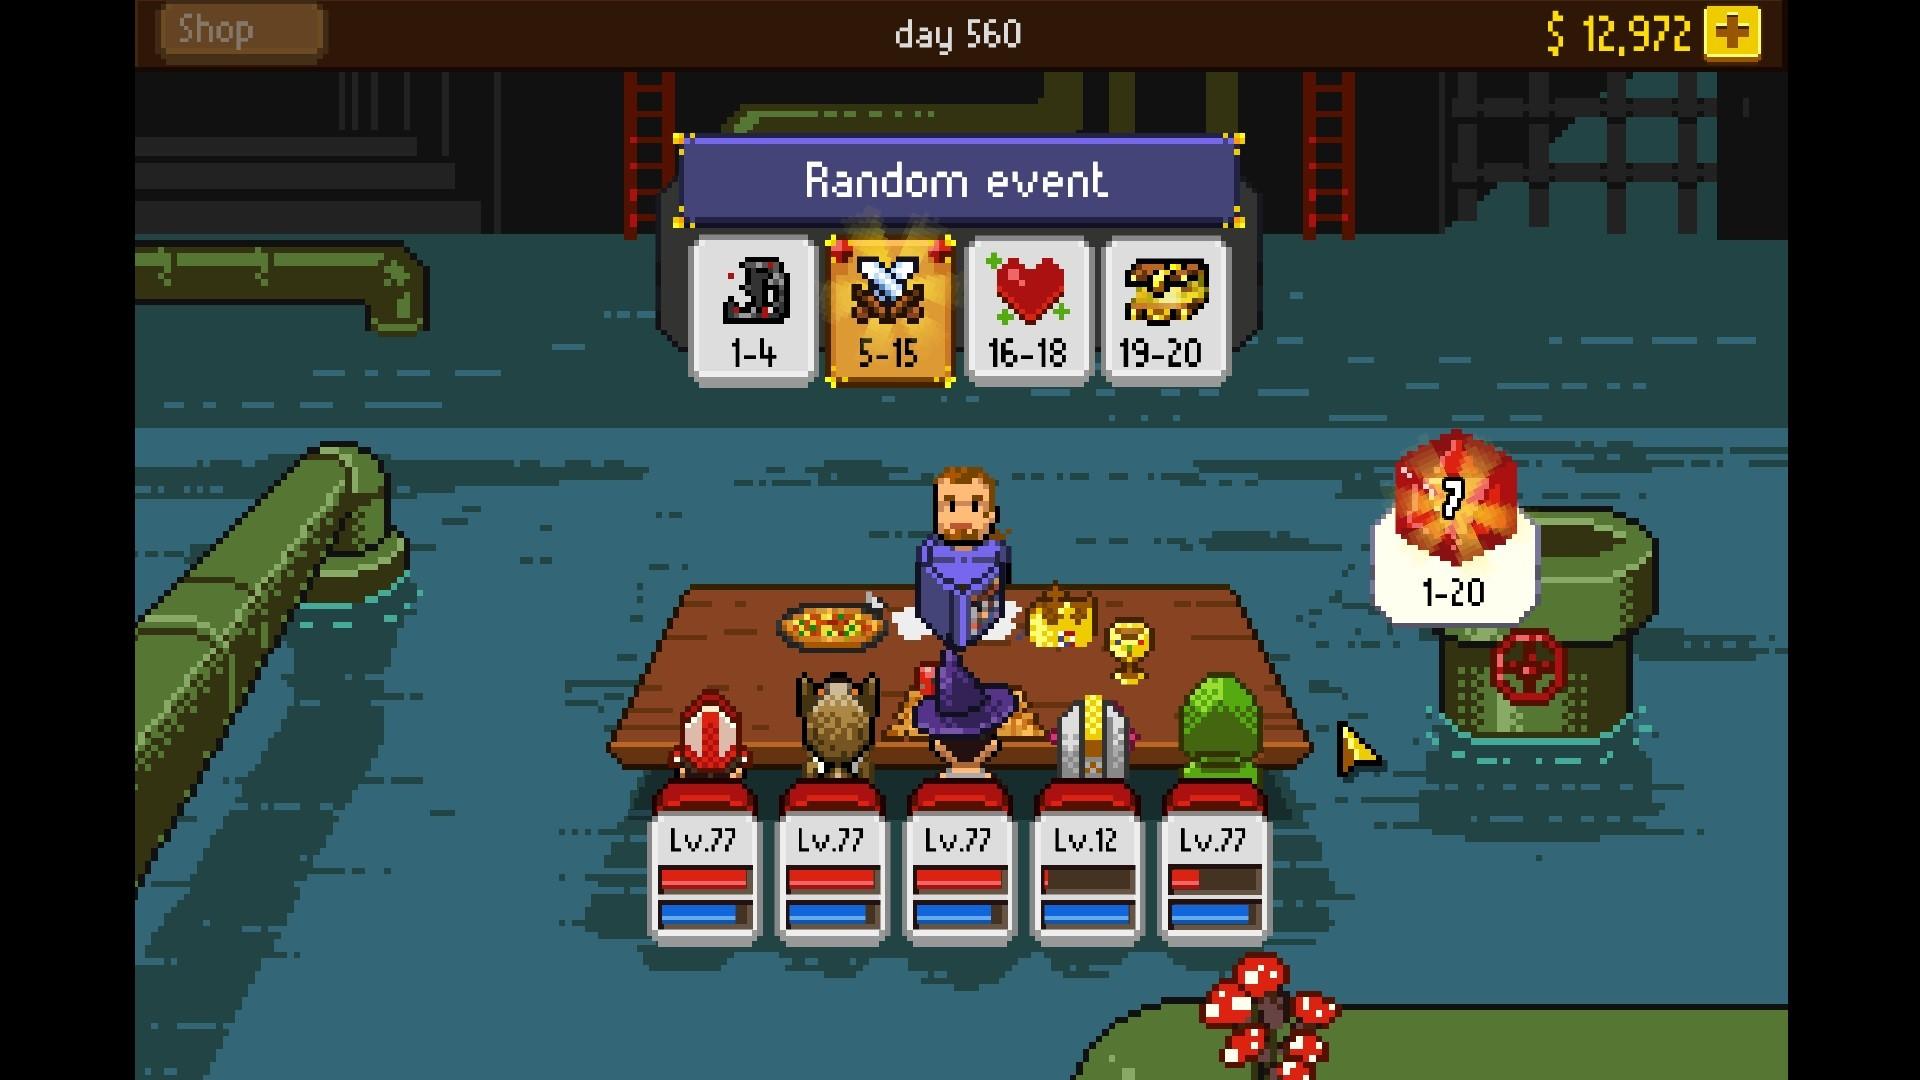 Cheio de referências e piadas, o game será altamente reconhecível para os veteranos dos rpgs de mesa